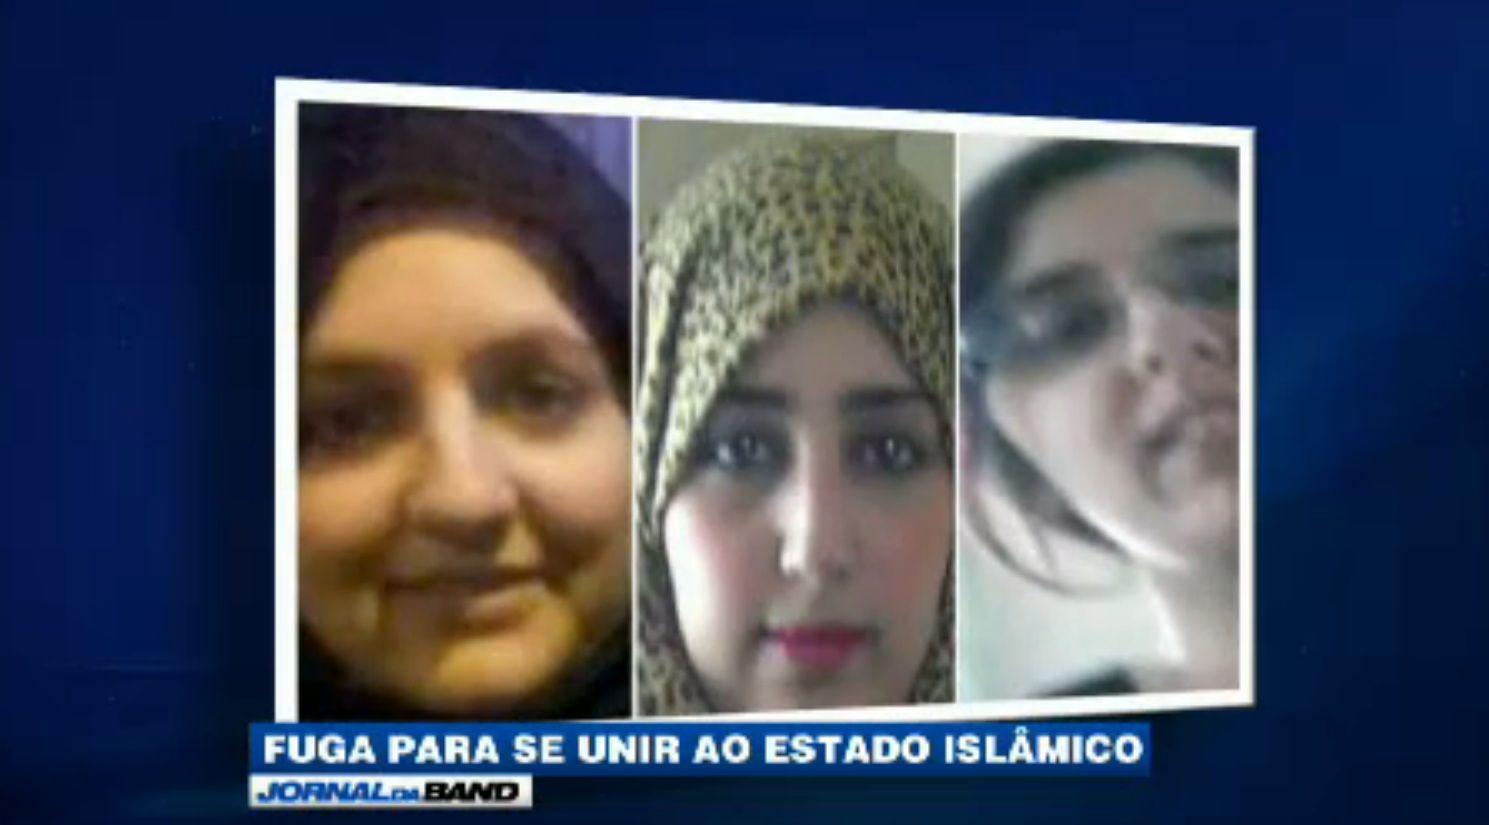 Britânica que fugiu para se aliar ao EI se casa - Notícias - Mundo - Band.com.br